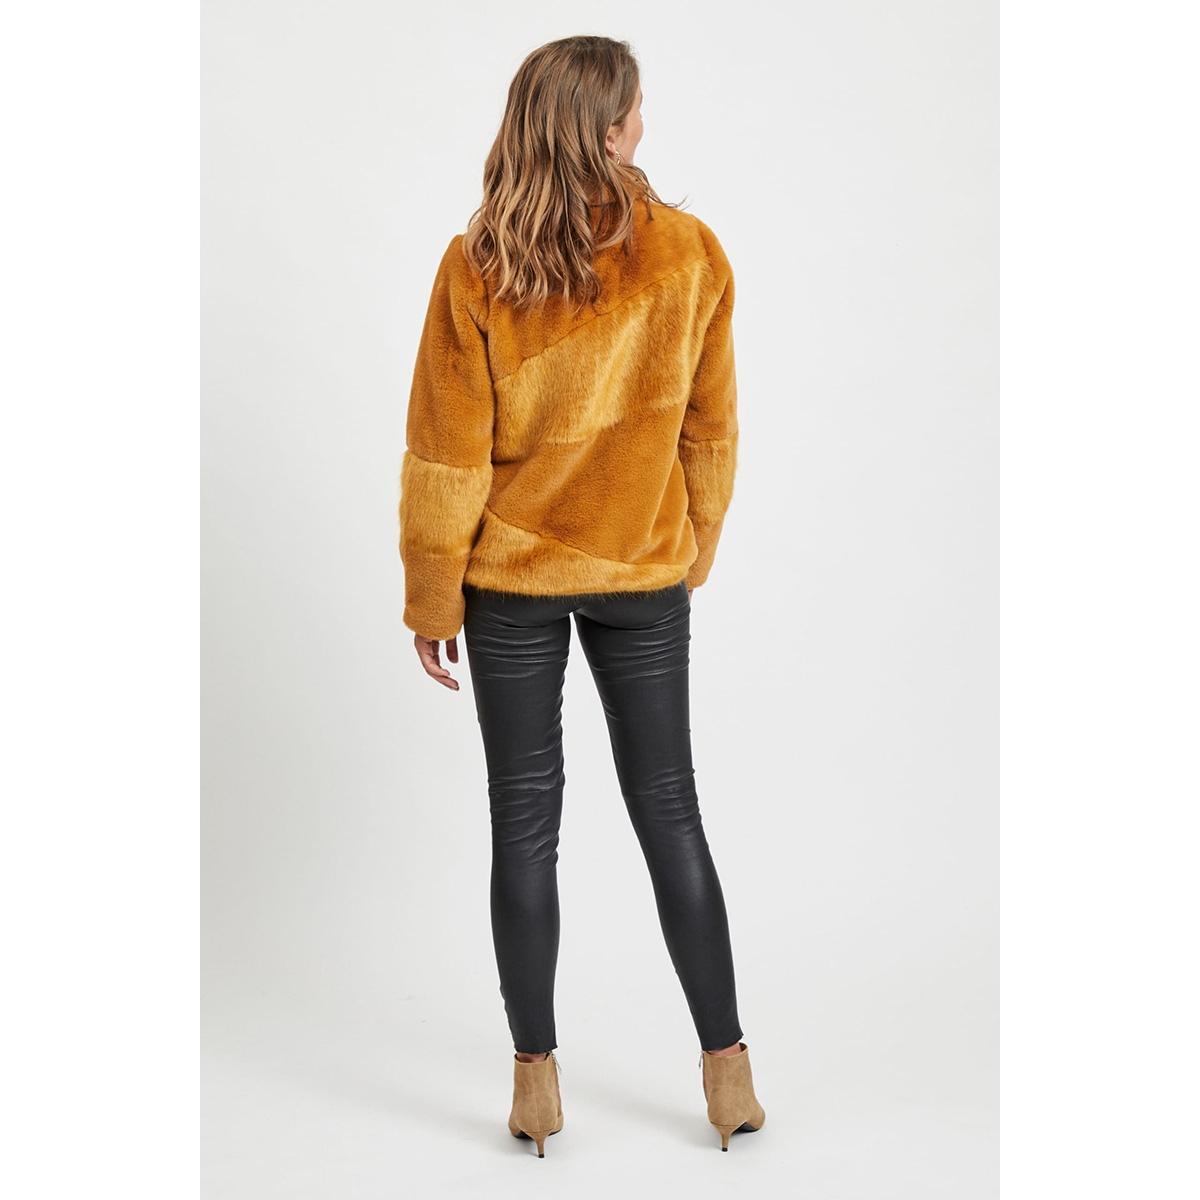 objaura jacket 104 23030002 object jas buckthorn brown